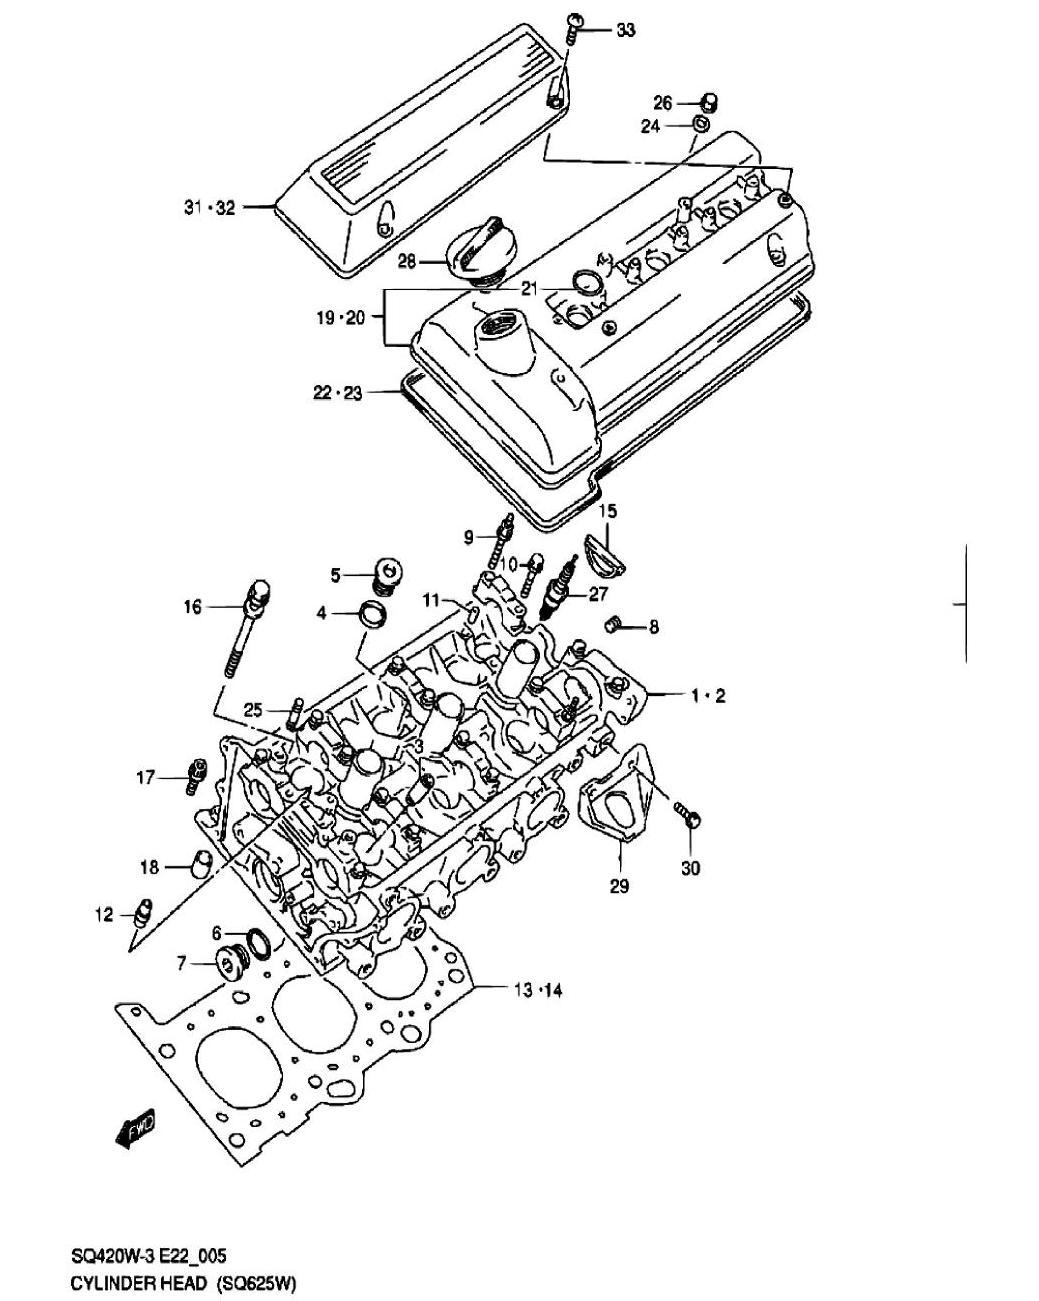 Головка цилиндров (SQ625W)